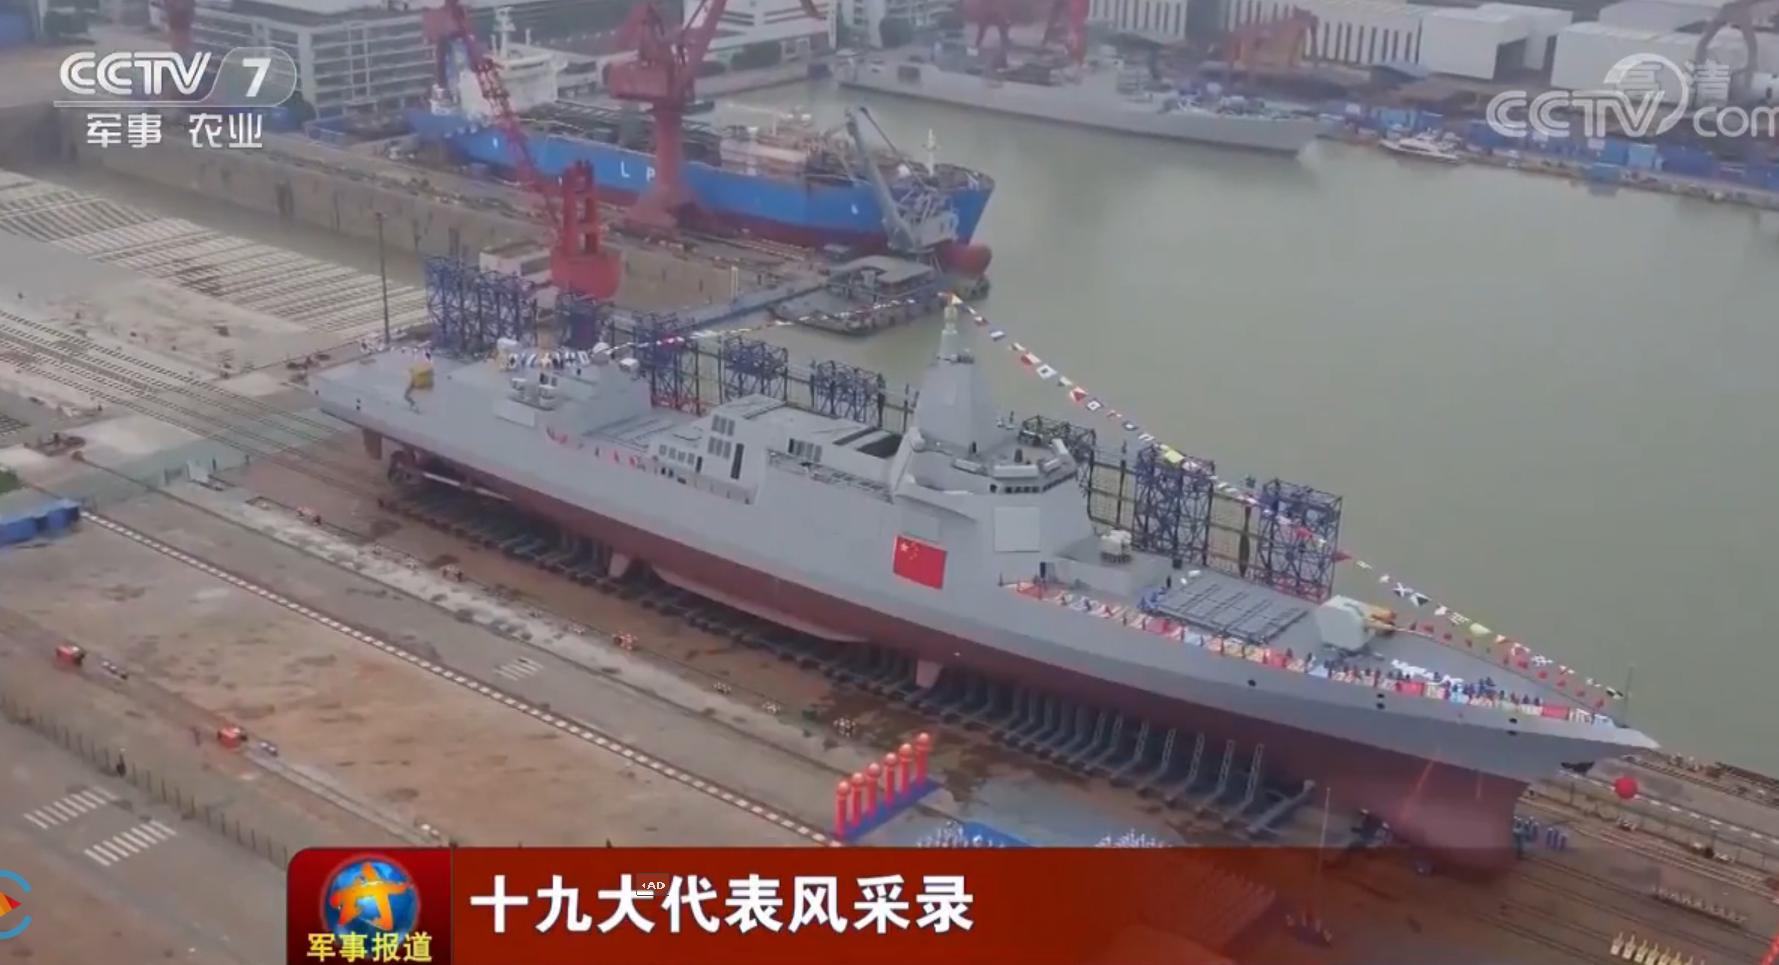 中国055大驱最早明年入役 火力不输美舰